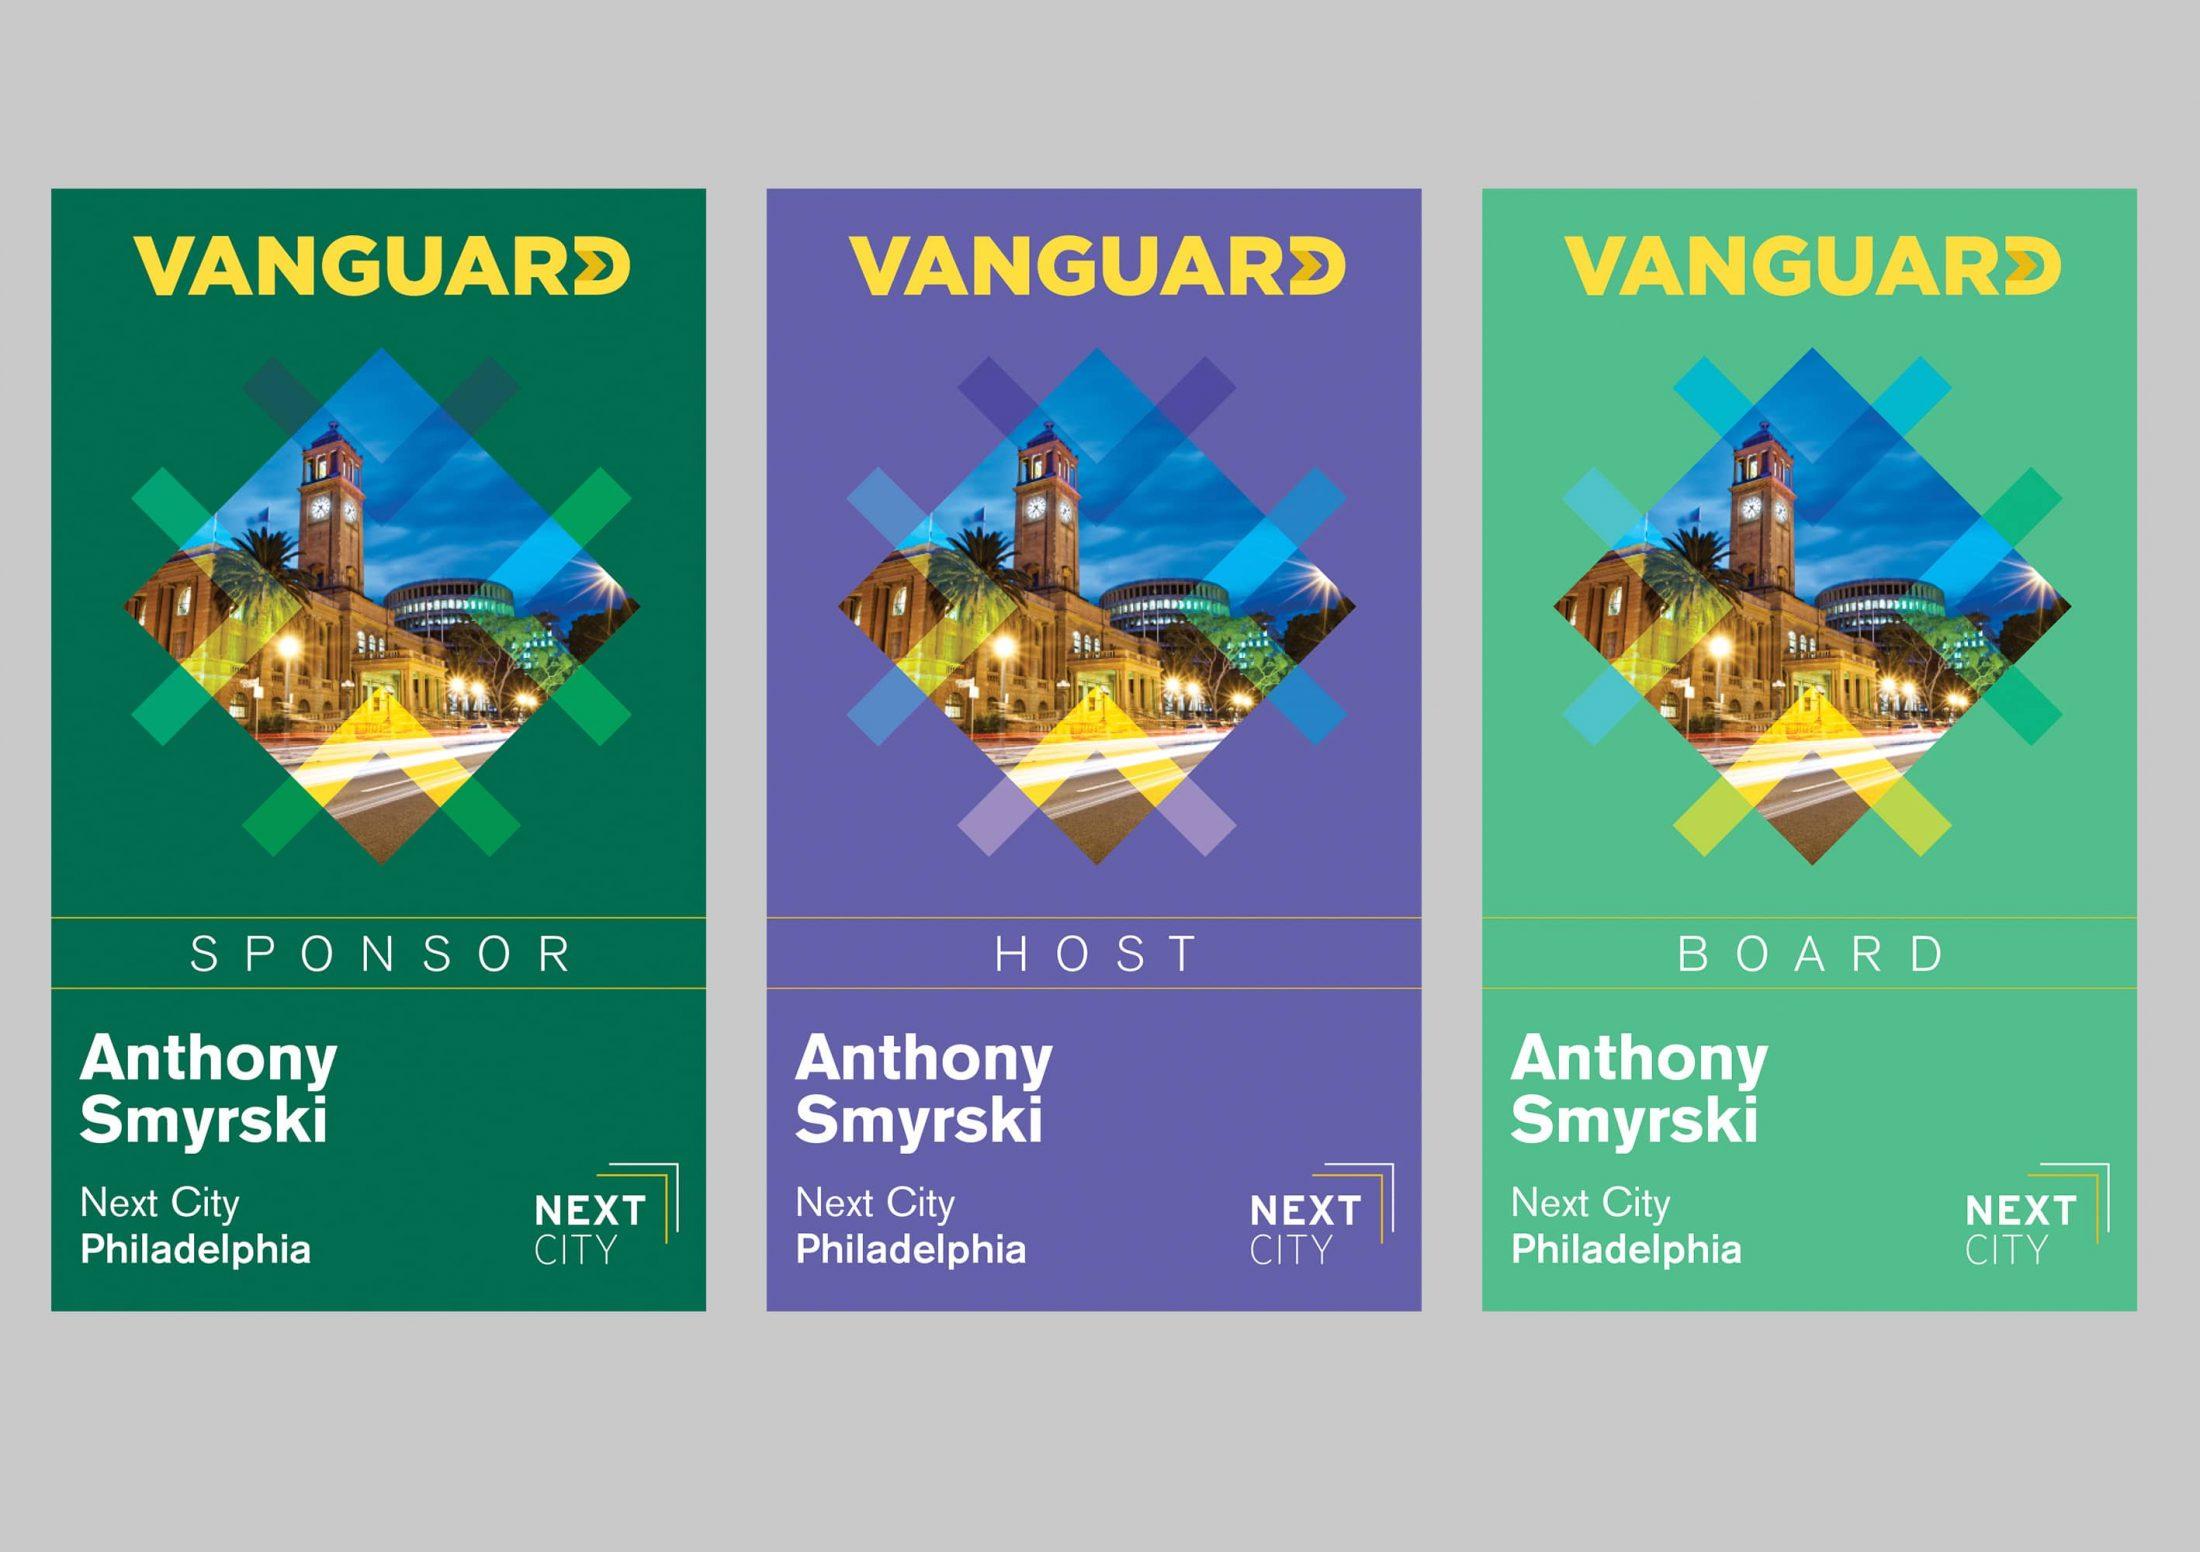 studioanthonysmyrski_nextcity_vanguard_06